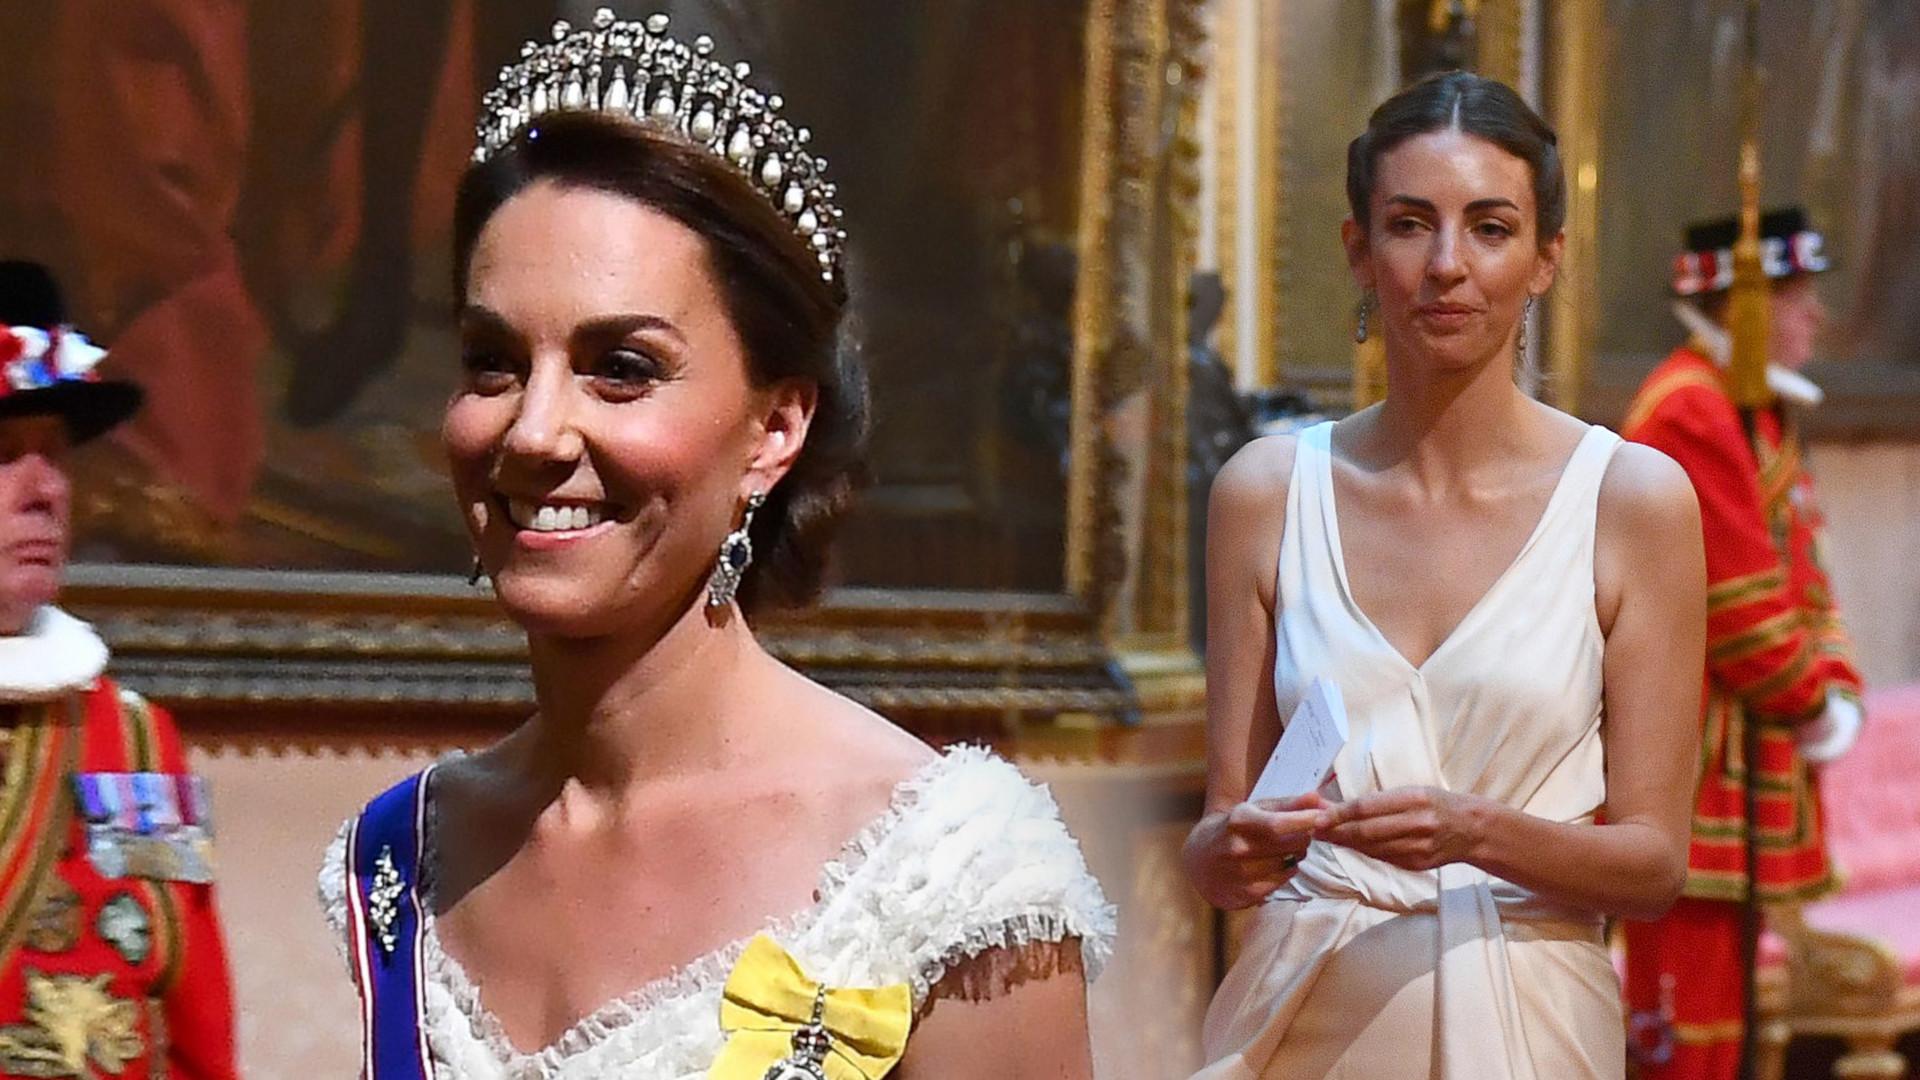 Kochanka księcia Williama przyszła na bankiet, na którym była księżna Kate (ZDJĘCIA)